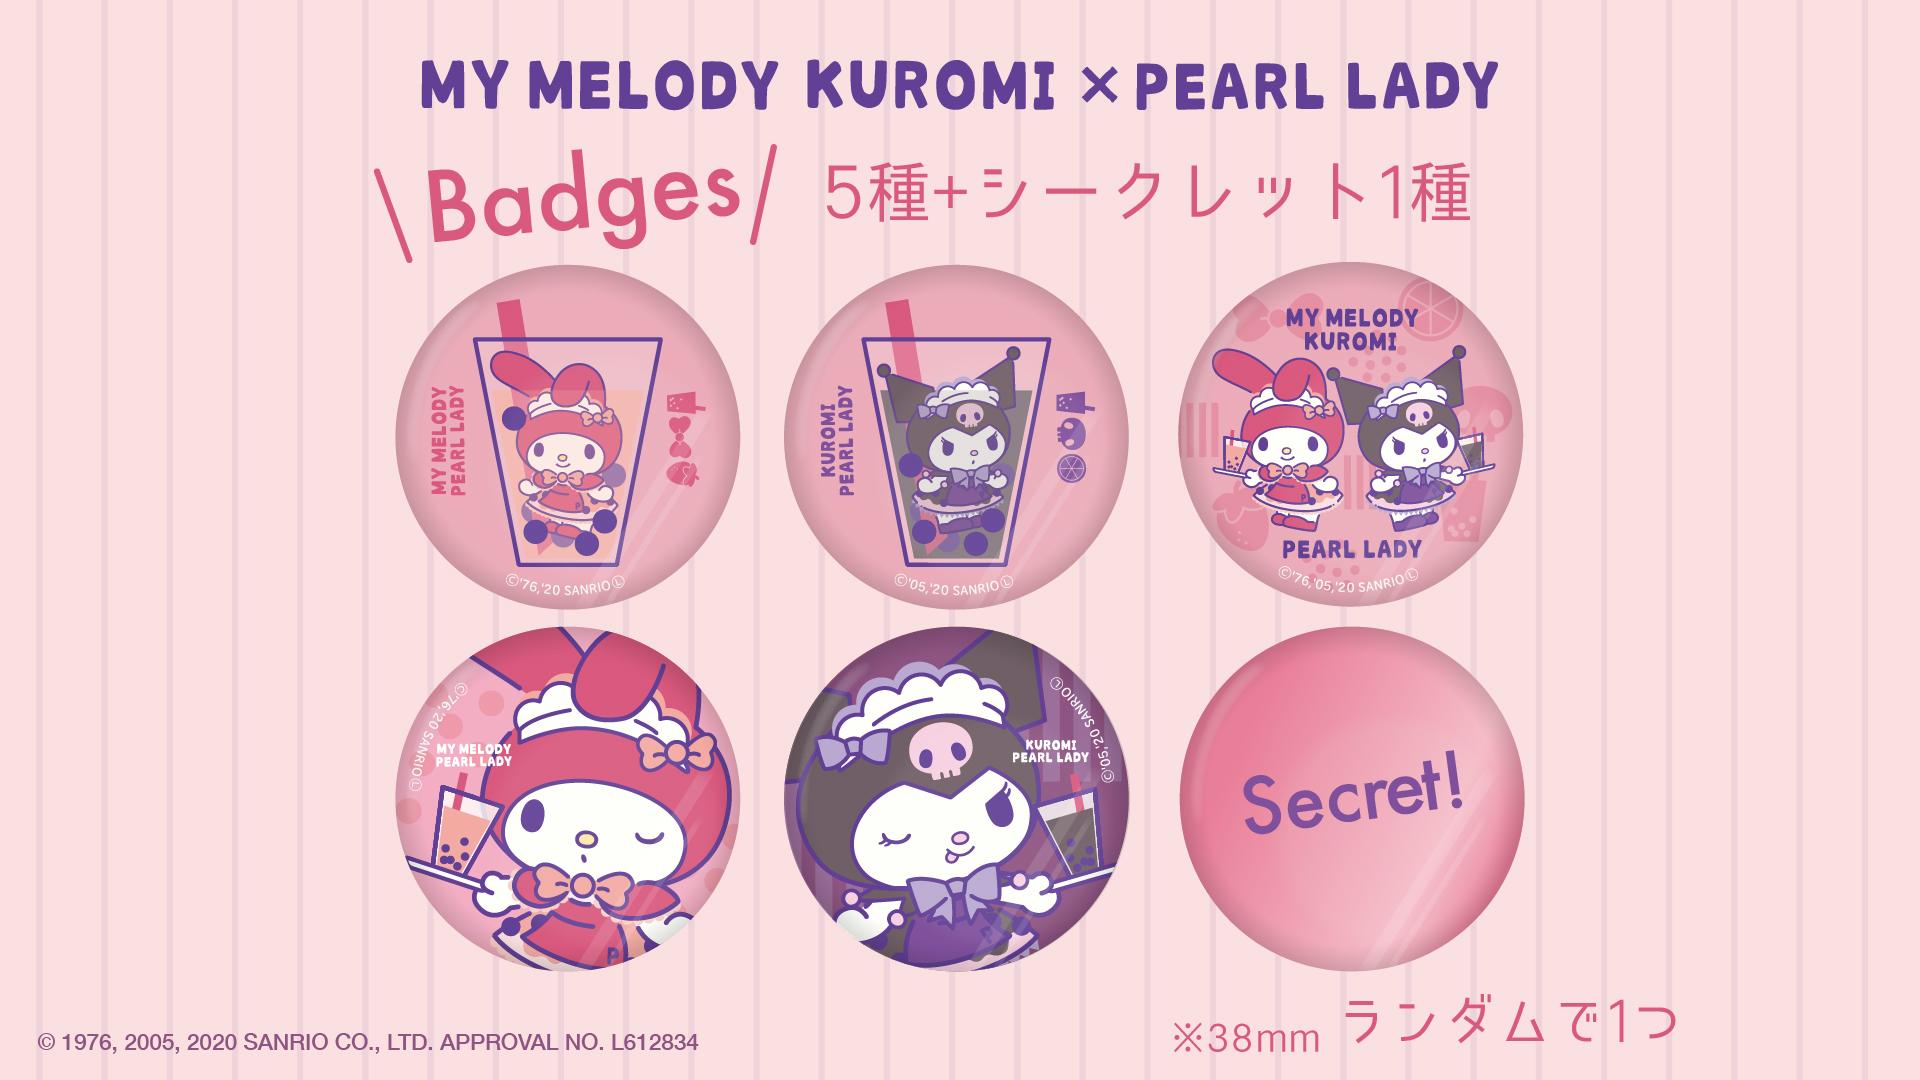 マイメロディ・クロミのタピオカドリンク My Melody Kuromi bubble tea 美樂蒂 酷洛米 珍珠飲品1